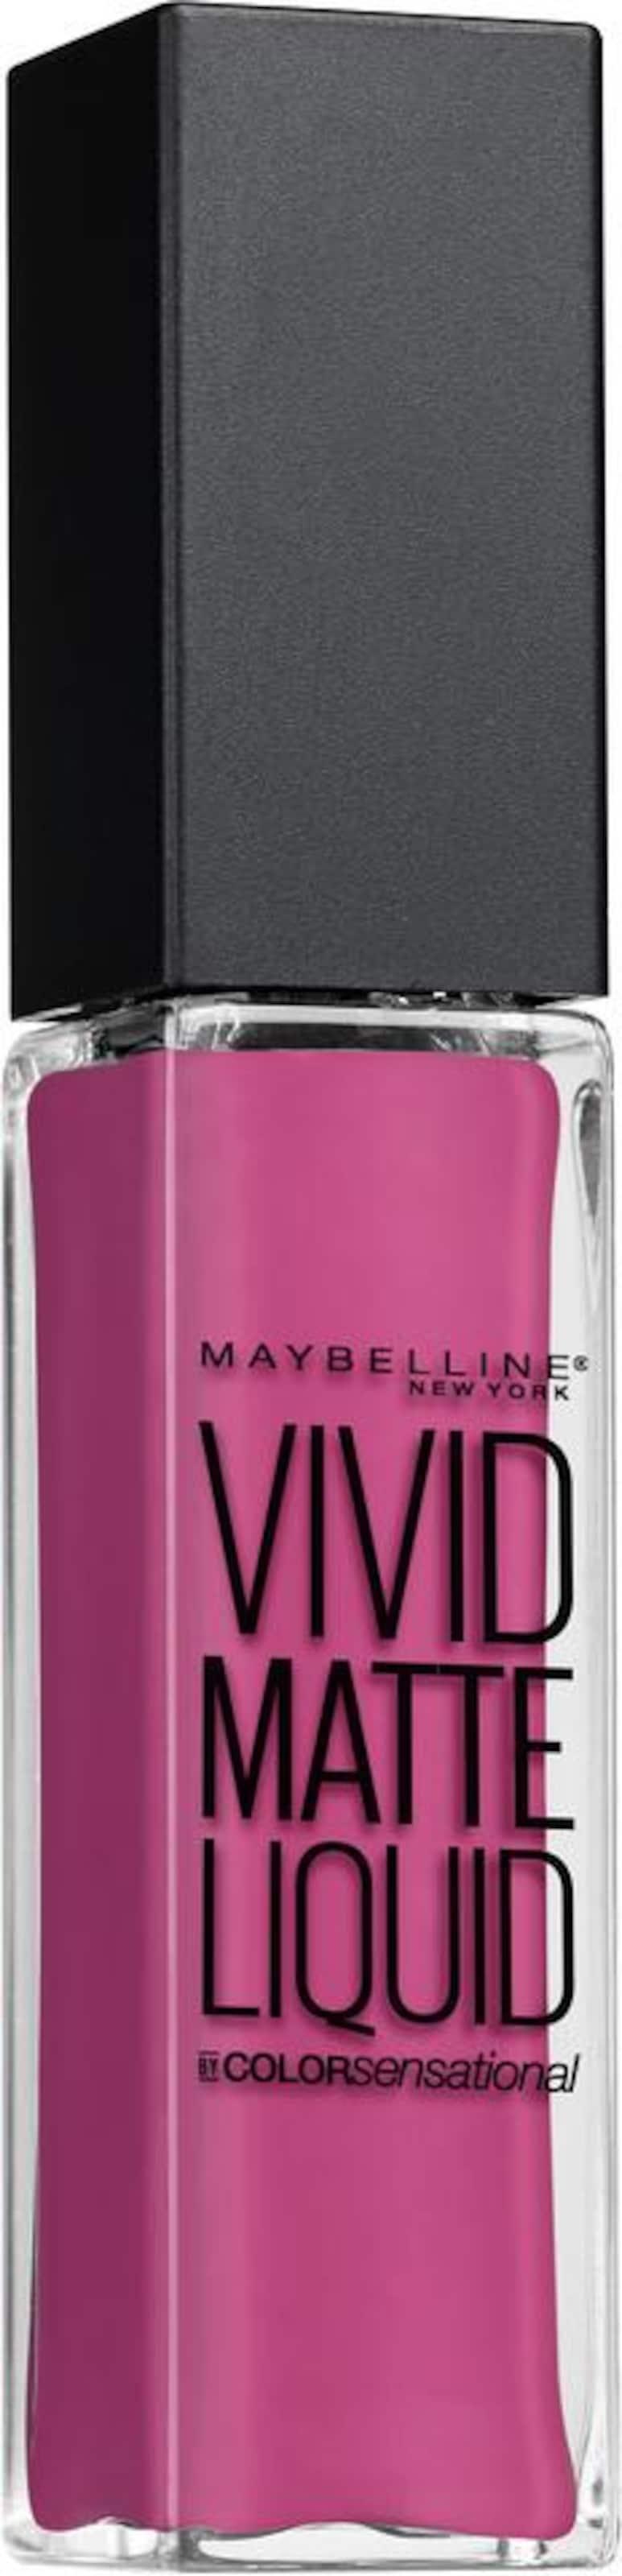 MAYBELLINE 'Vivid 'Vivid MAYBELLINE New Lippenstift Matte New Liquid' Liquid' Matte Lippenstift York York YOqwdz